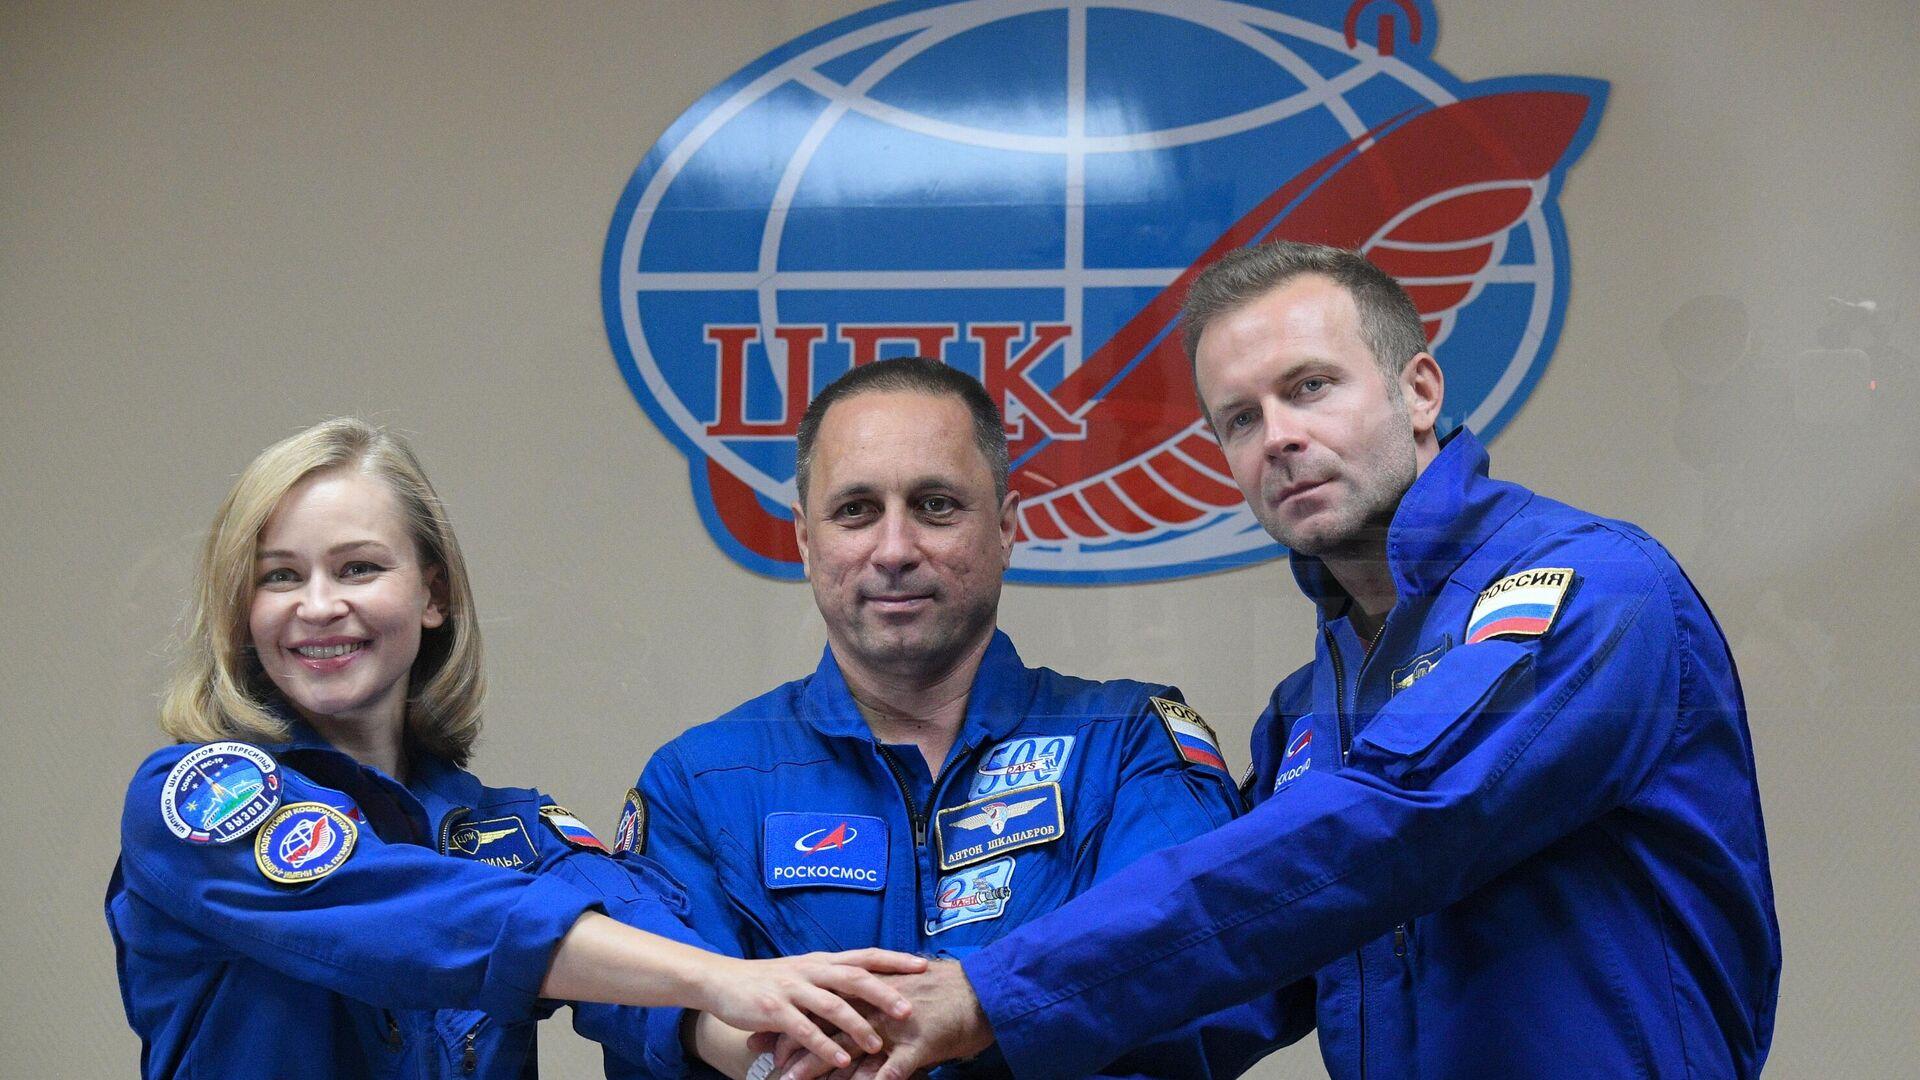 La tripulación integrada por la actriz rusa Yulia Peresild, el cosmonauta Antón Shkaplerov y el director de cine Klim Shipenko - Sputnik Mundo, 1920, 04.10.2021